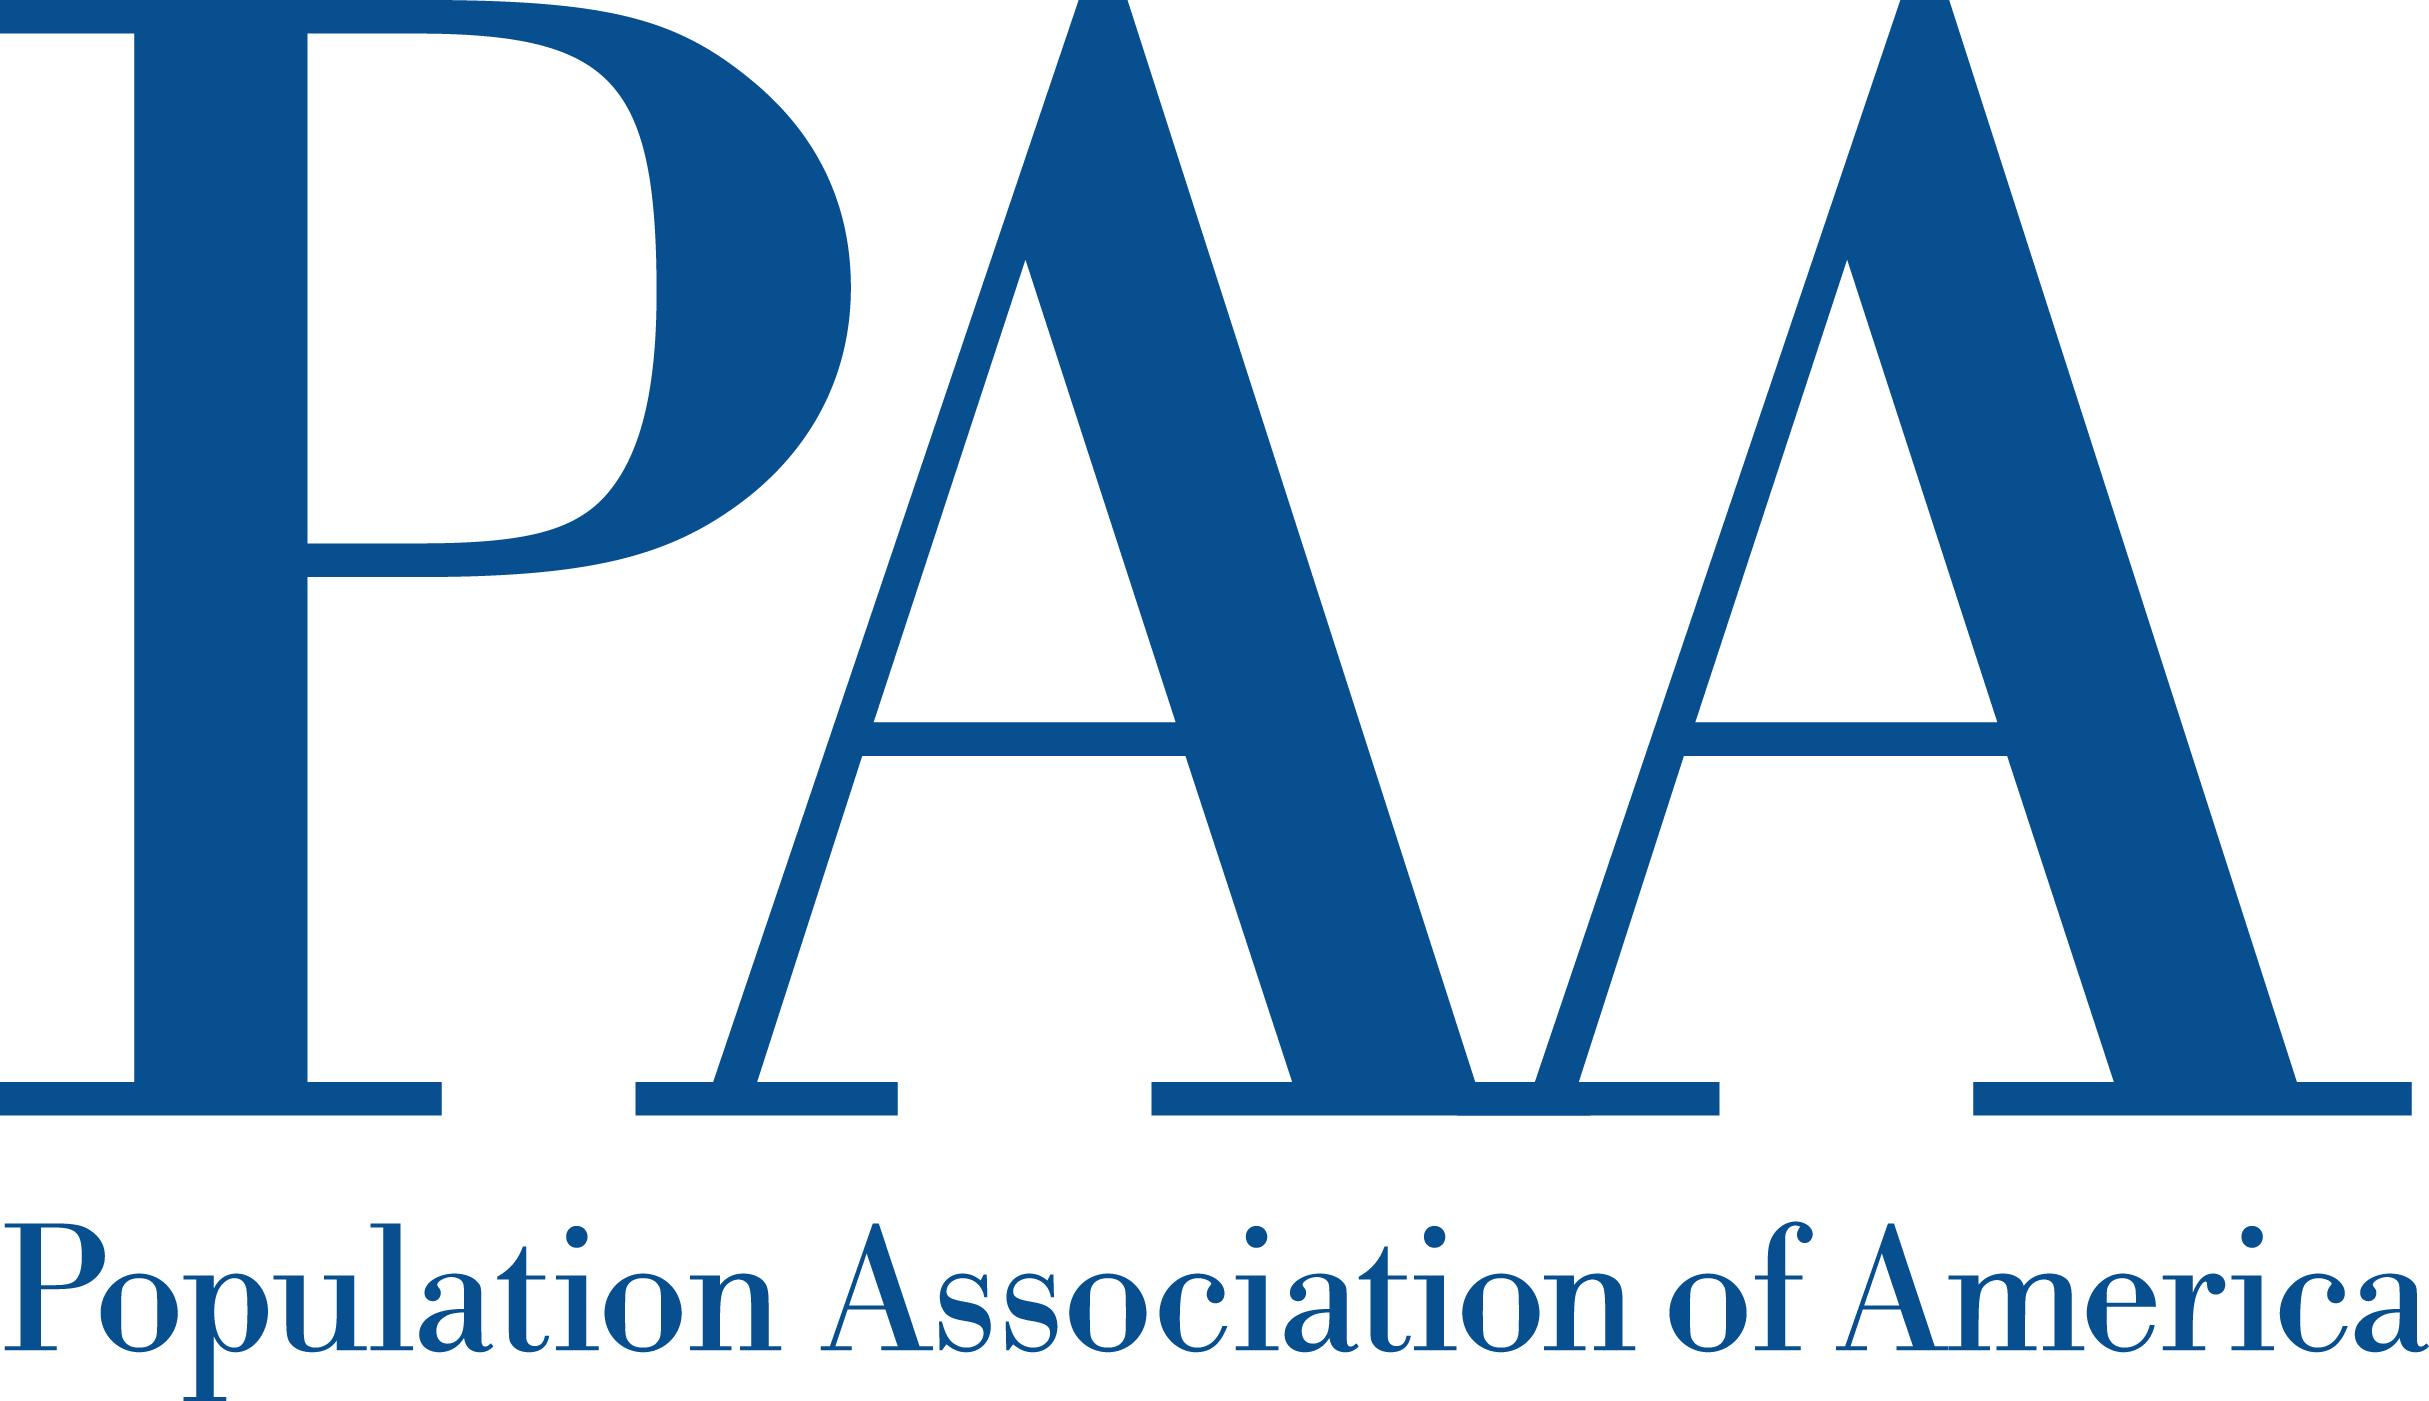 PAA-logo_9inx6in_300dpi_RGB